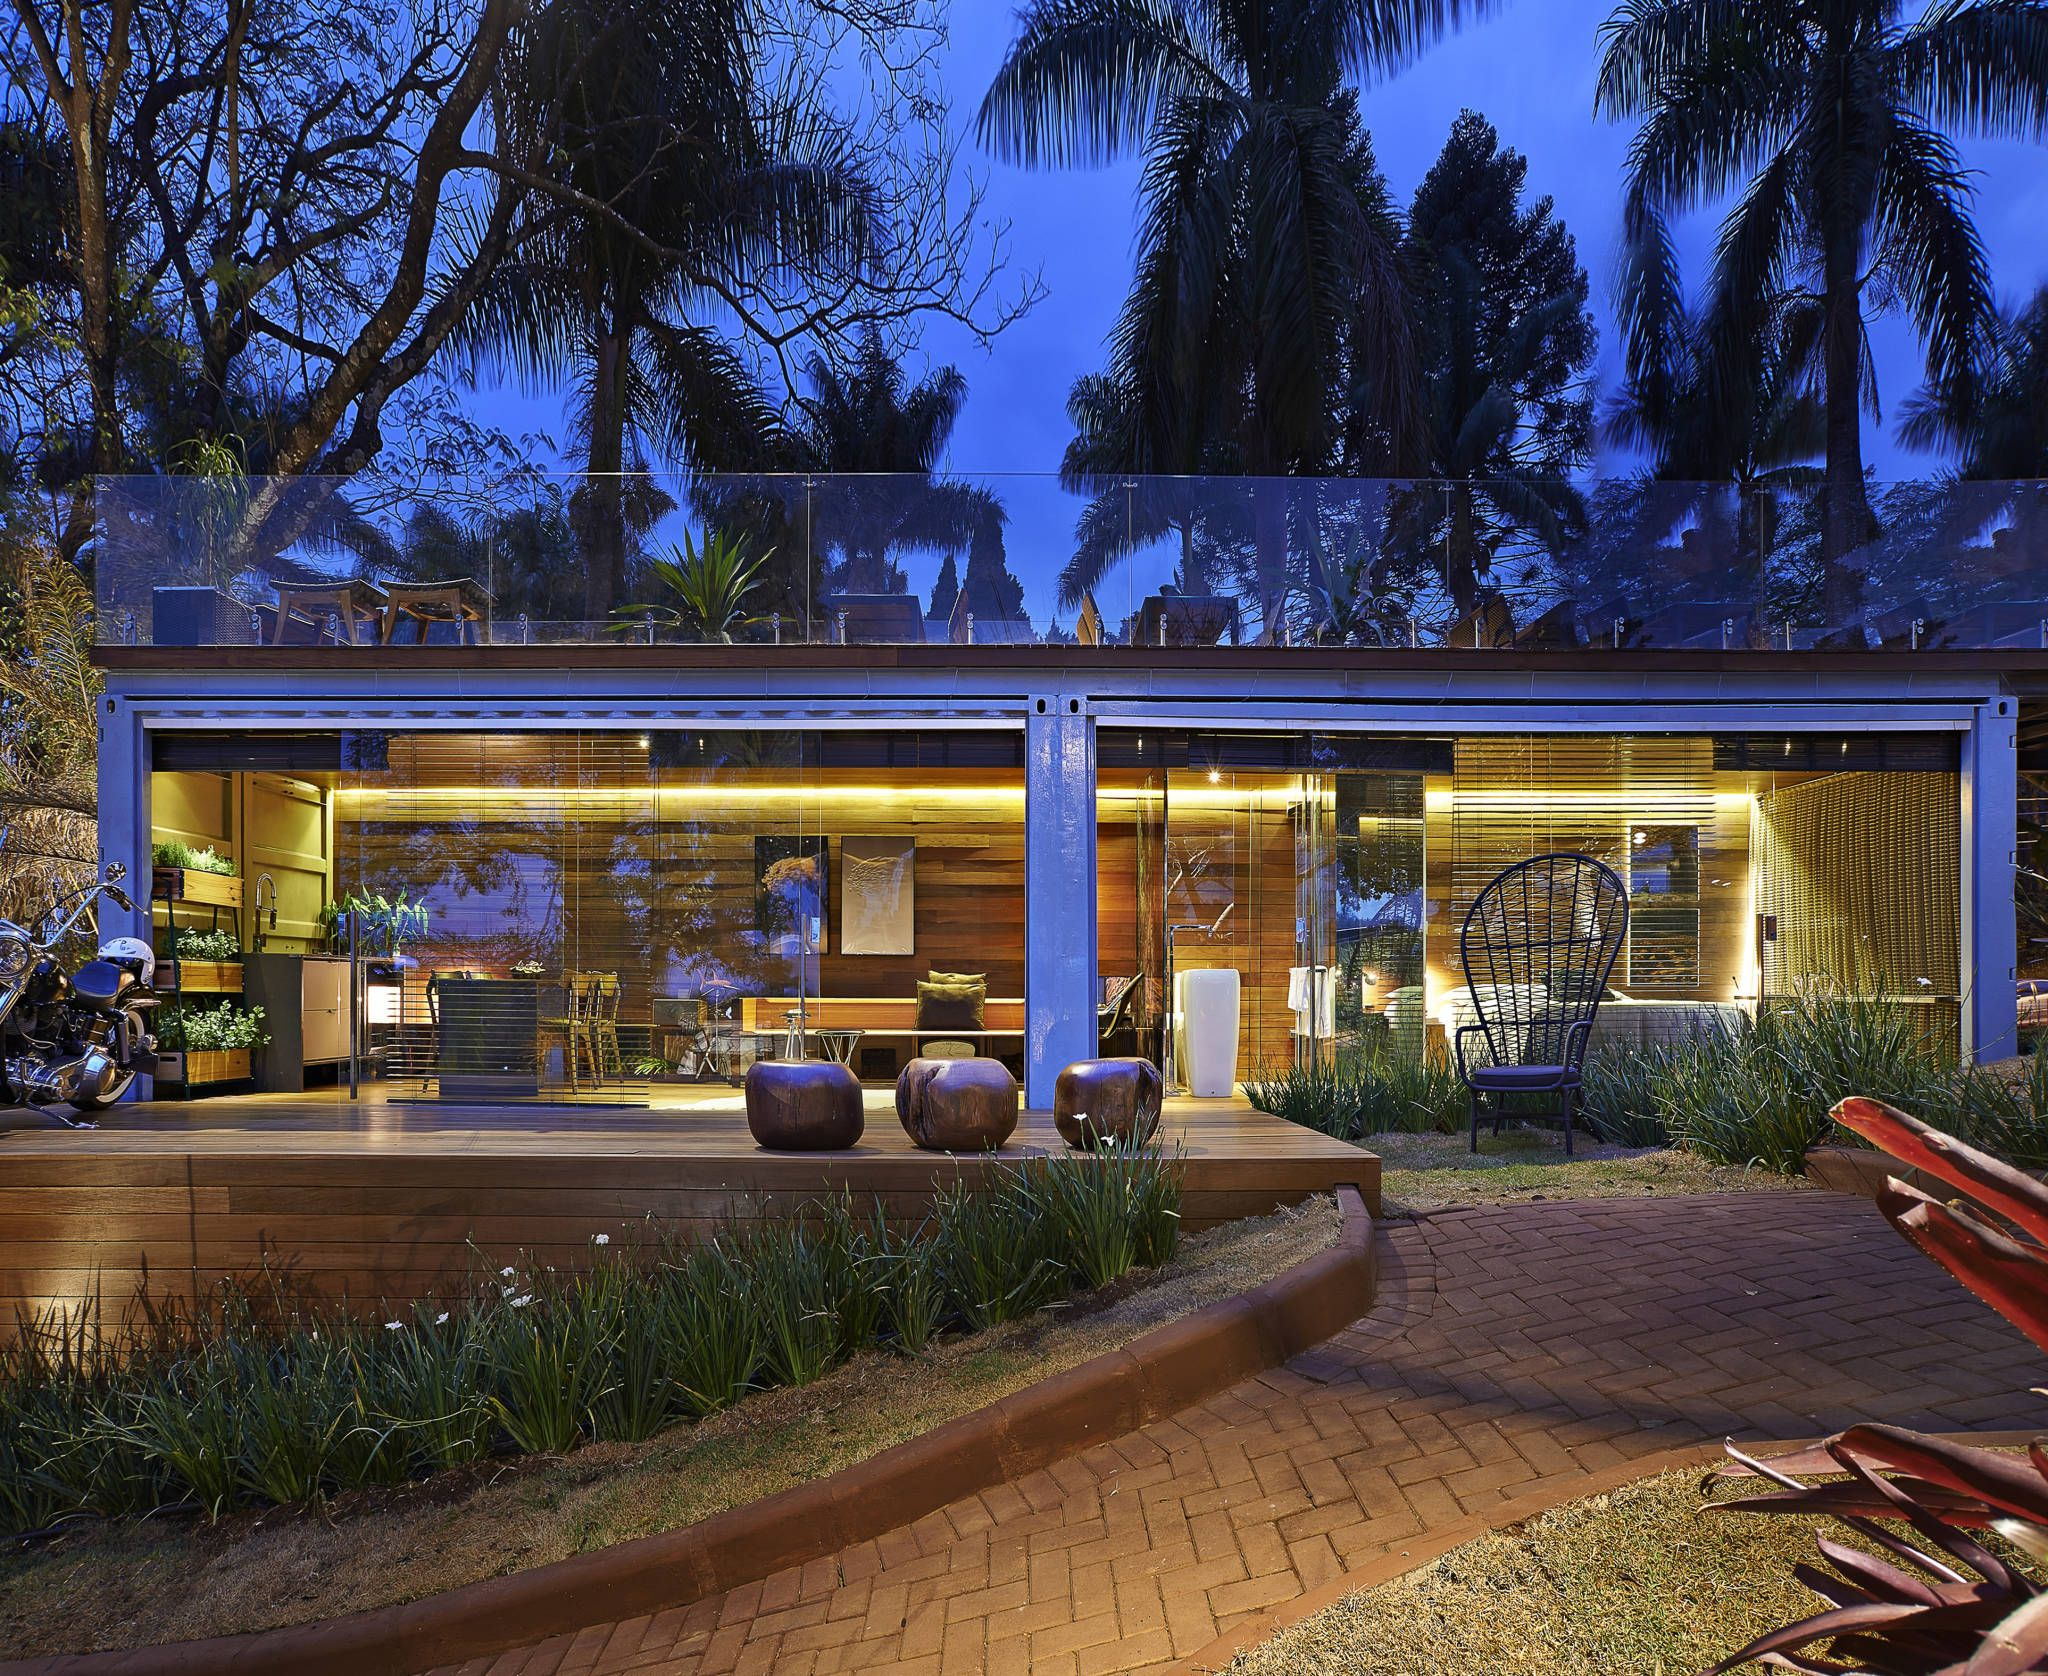 Casas de estilo Rústico de Cristina Menezes Arquitetura